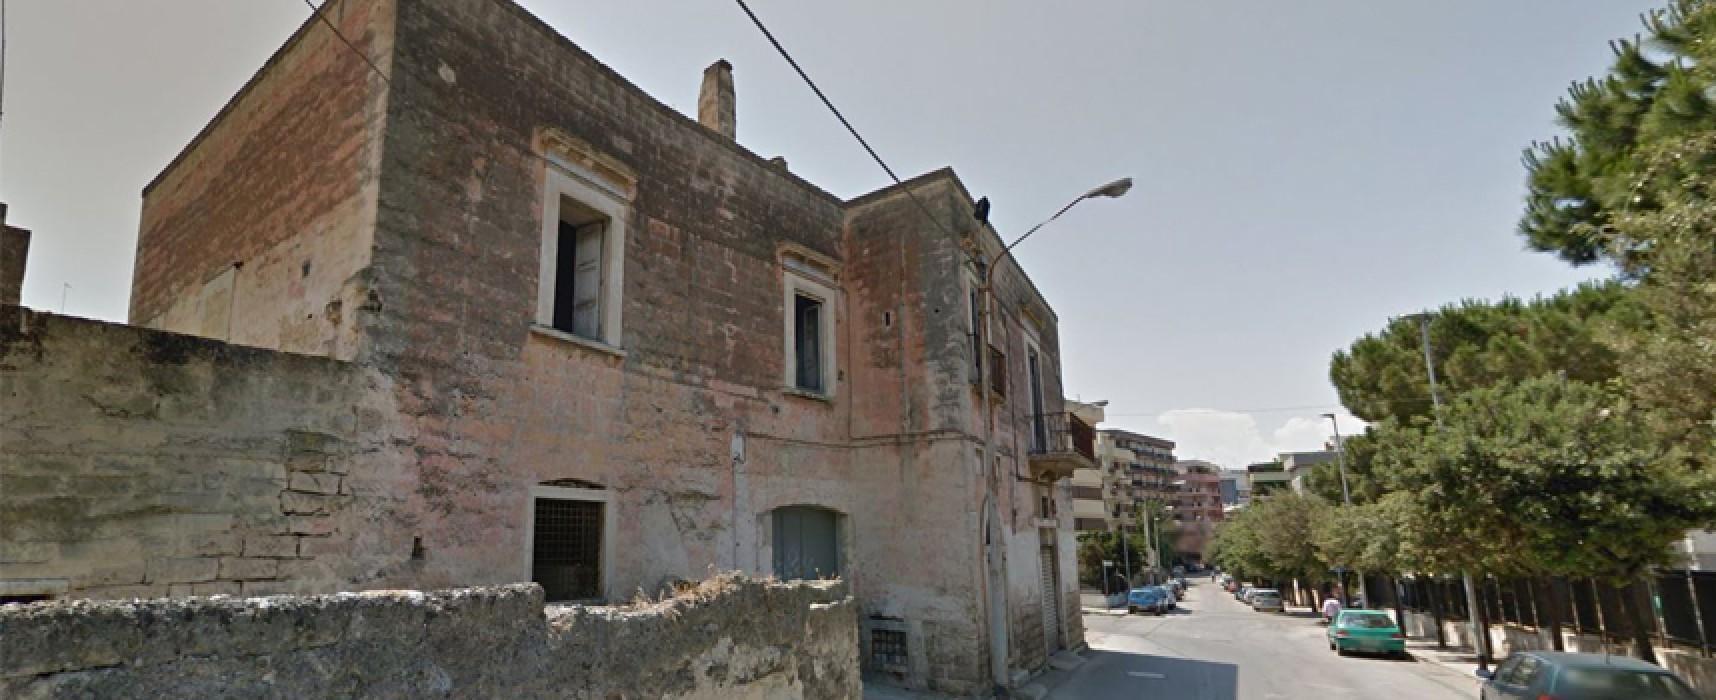 Sgomberato vecchio edificio in via Abate Bruni occupato abusivamente